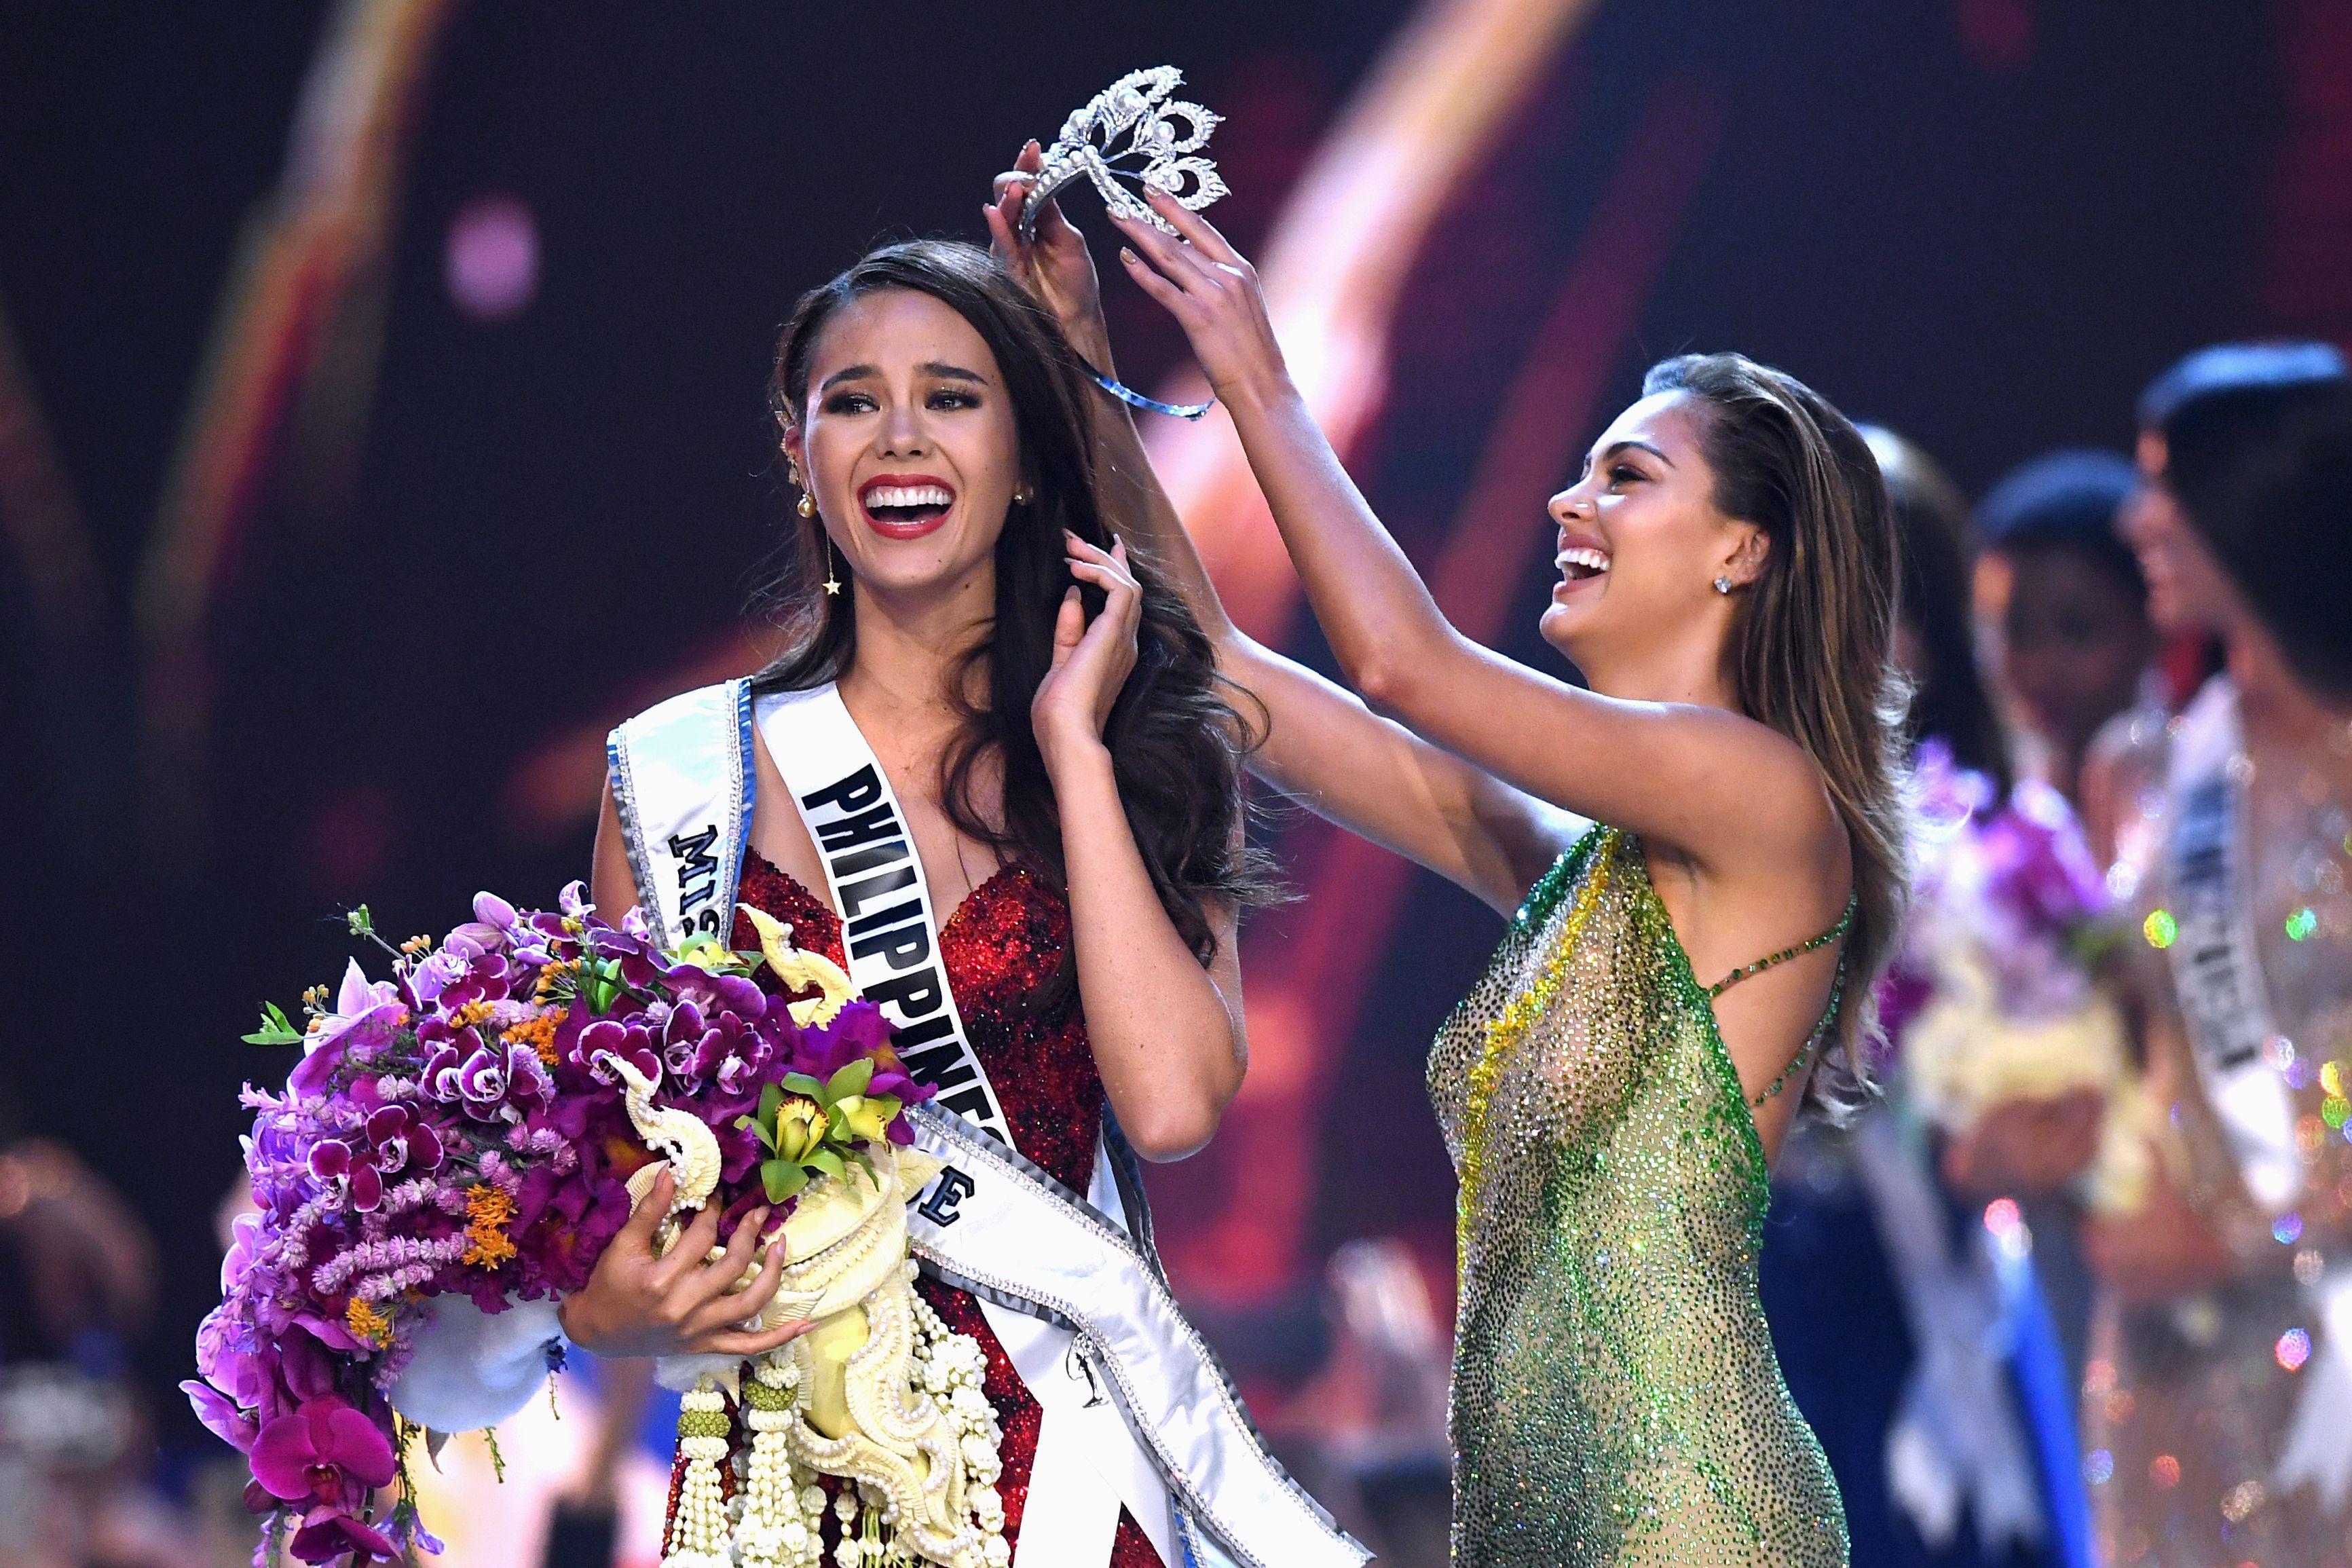 """Die 24-jährige Catriona Gray von den Philippinen hat die Wahl zur """"Miss Universe"""" gewonnen und bekommt die Titelkrone der Vorjahressiegerin Demi-Leigh Nel-Peters überreicht.Die diesjährige Siegerin ist Sängerin, Model und Showmasterin. In den Slums von Manilaunterrichtet sie zudemKinder."""